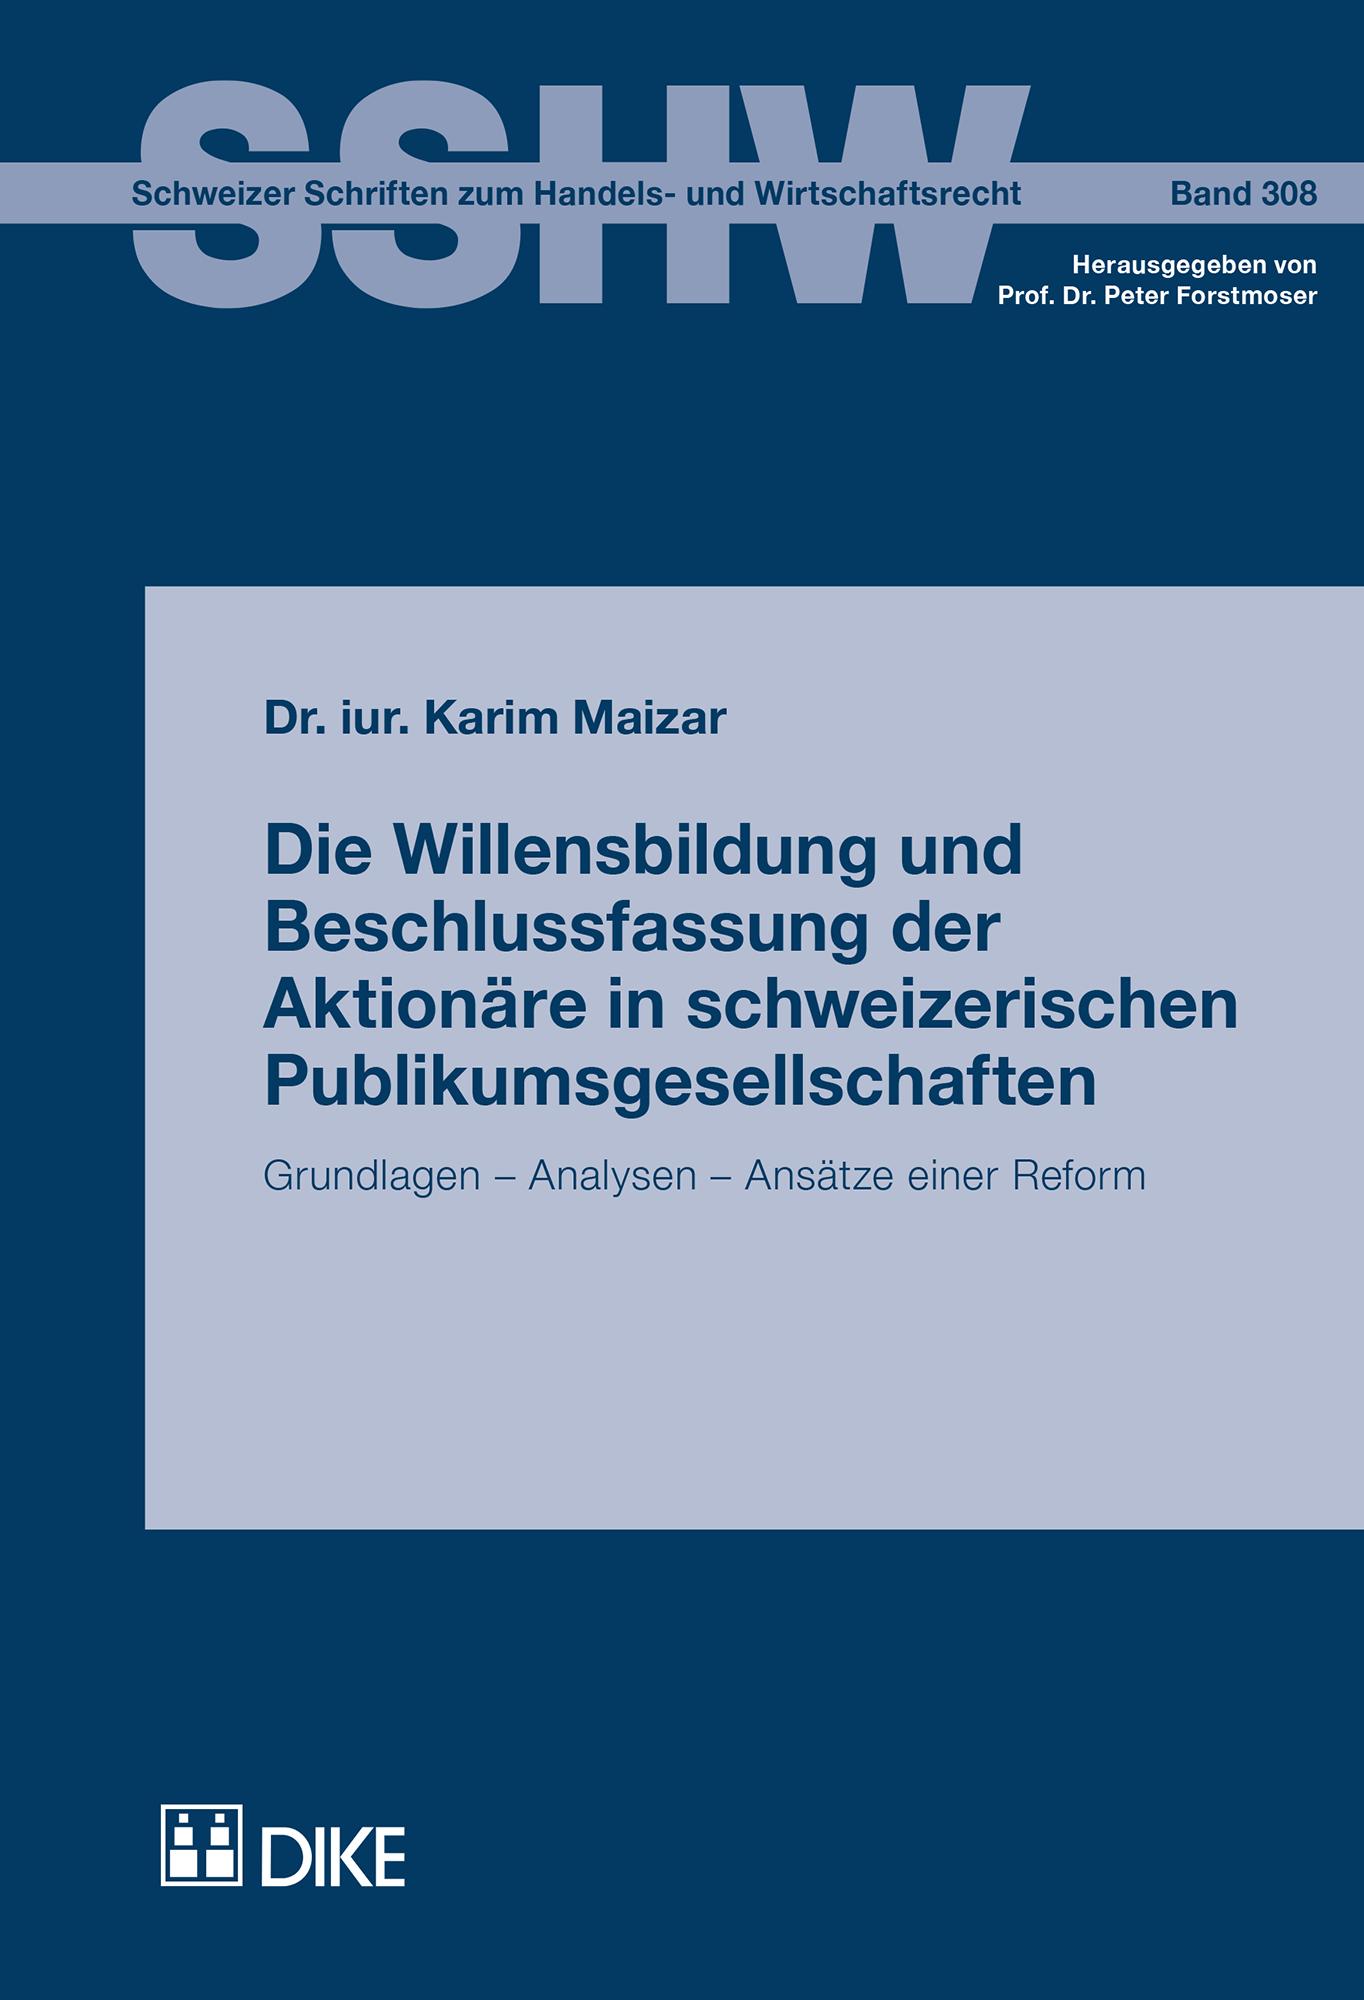 Die Willensbildung und Beschlussfassung der Aktionäre in schweizerischen Publikumsgesellschaften